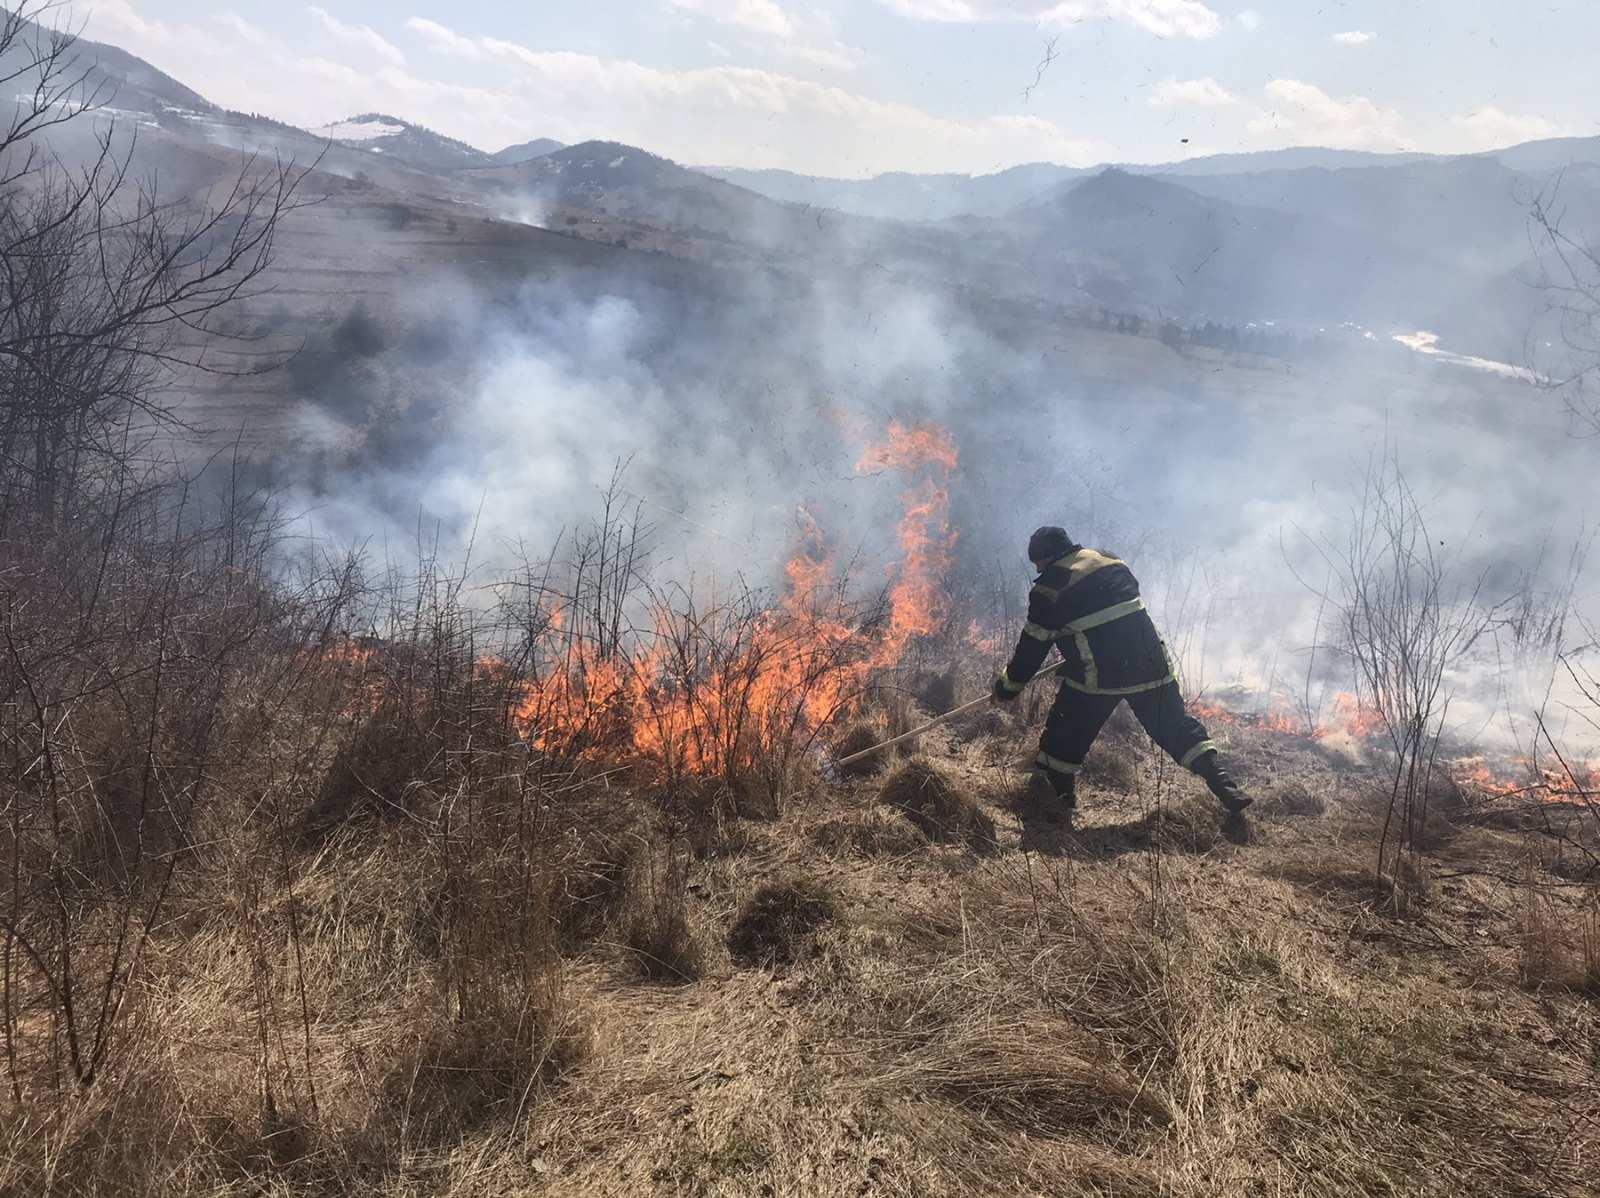 За спалювання сухої рослинності на відкритих територіях оштрафовано двох закарпатців